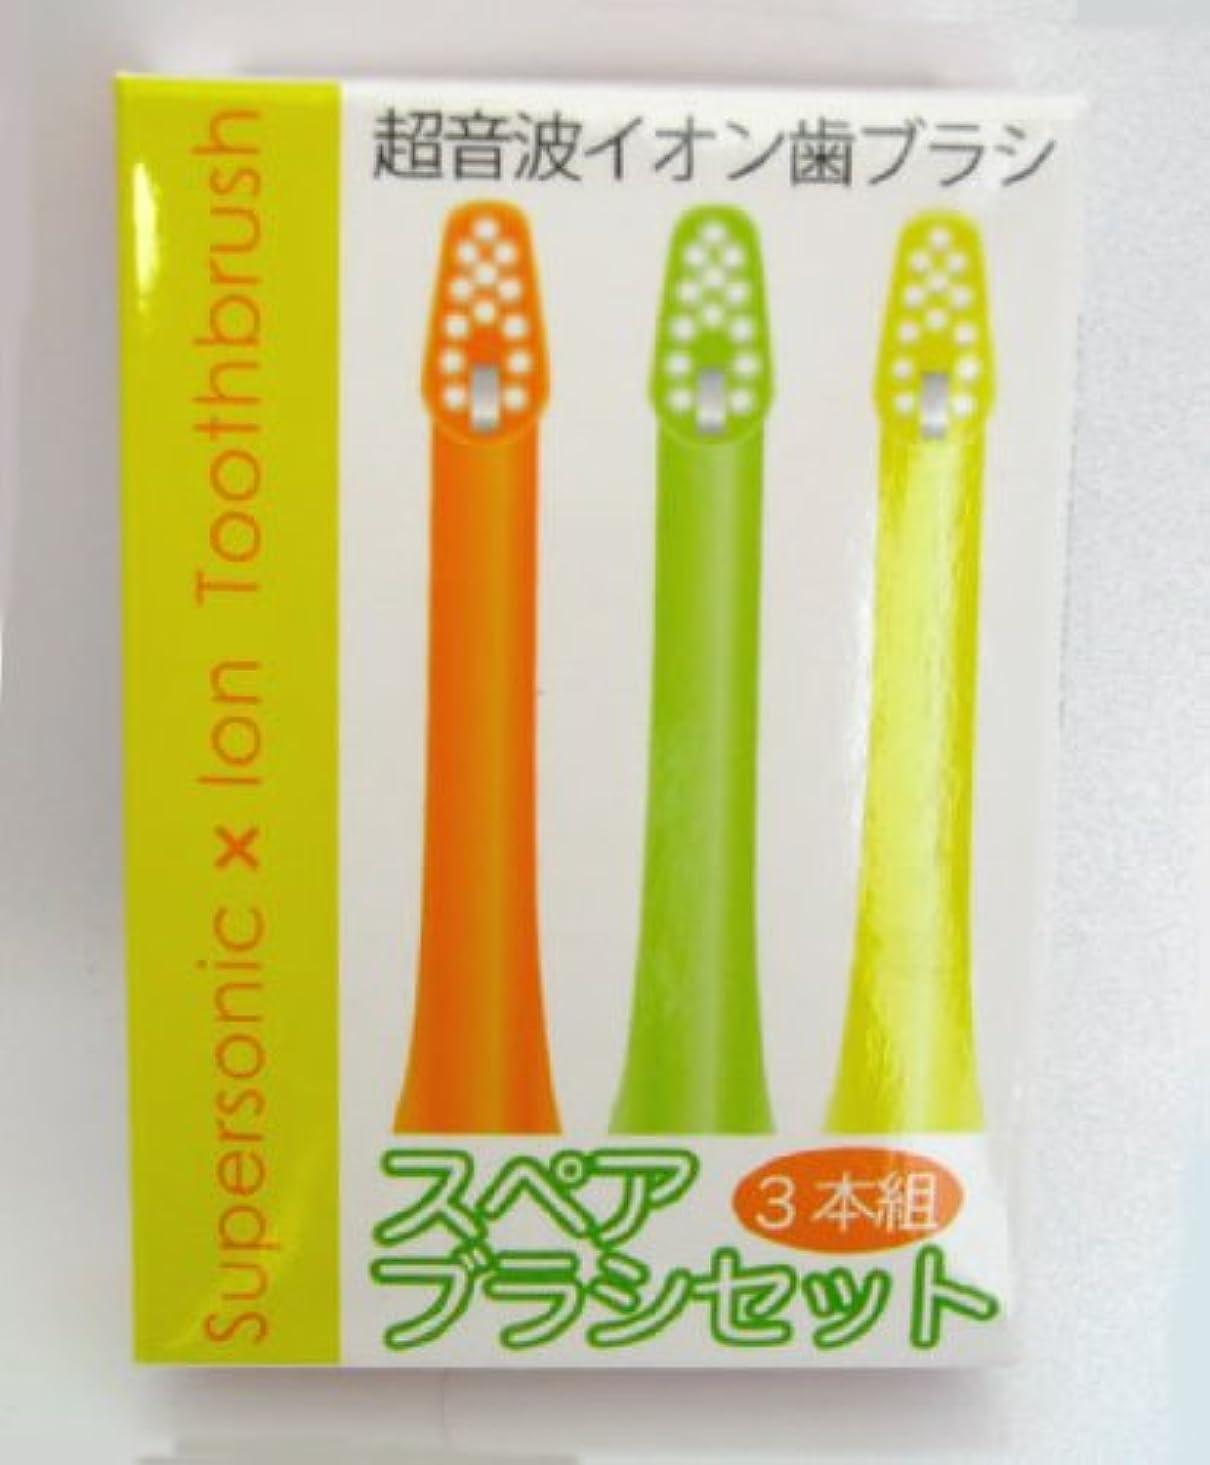 然とした麦芽然とした超音波イオン歯ブラシ専用スペアブラシ3本セット(交換用ブラシ)